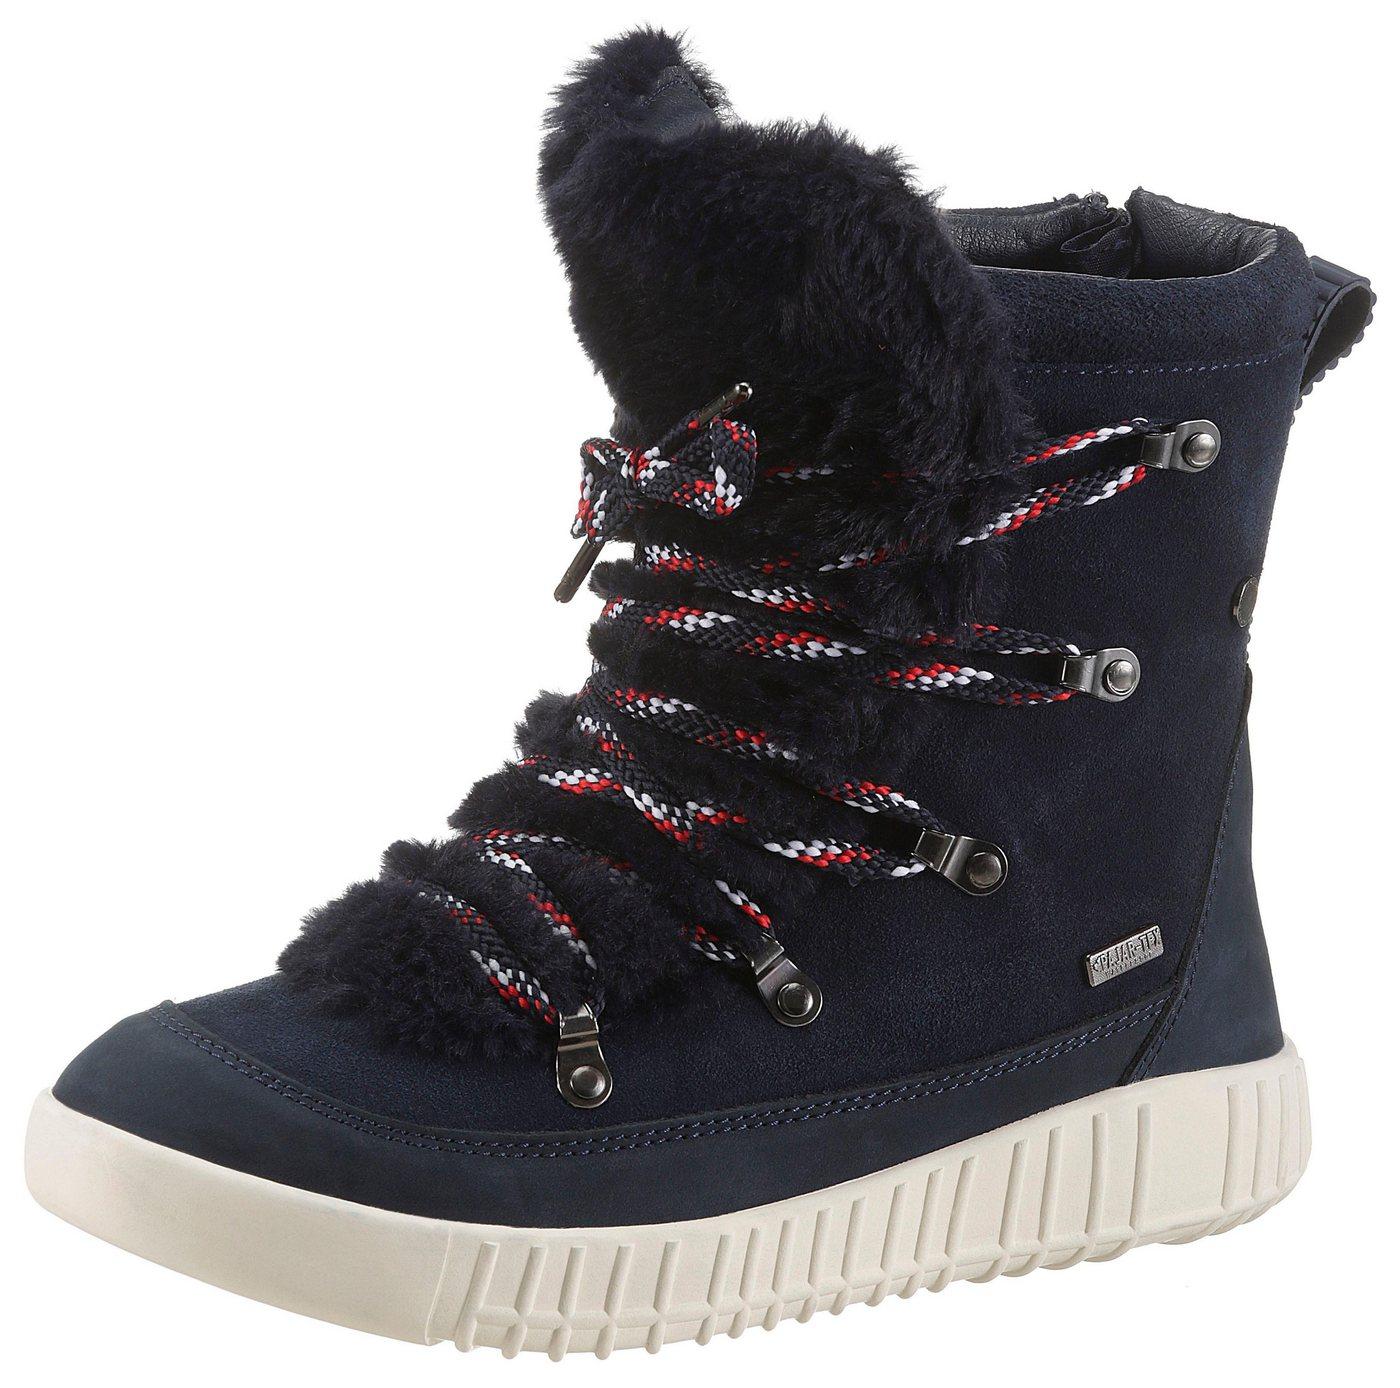 Pajar Canada Winterboots mit modischer Bergsteiger-Schnürung | Schuhe > Boots > Winterboots | Blau | Pajar Canada